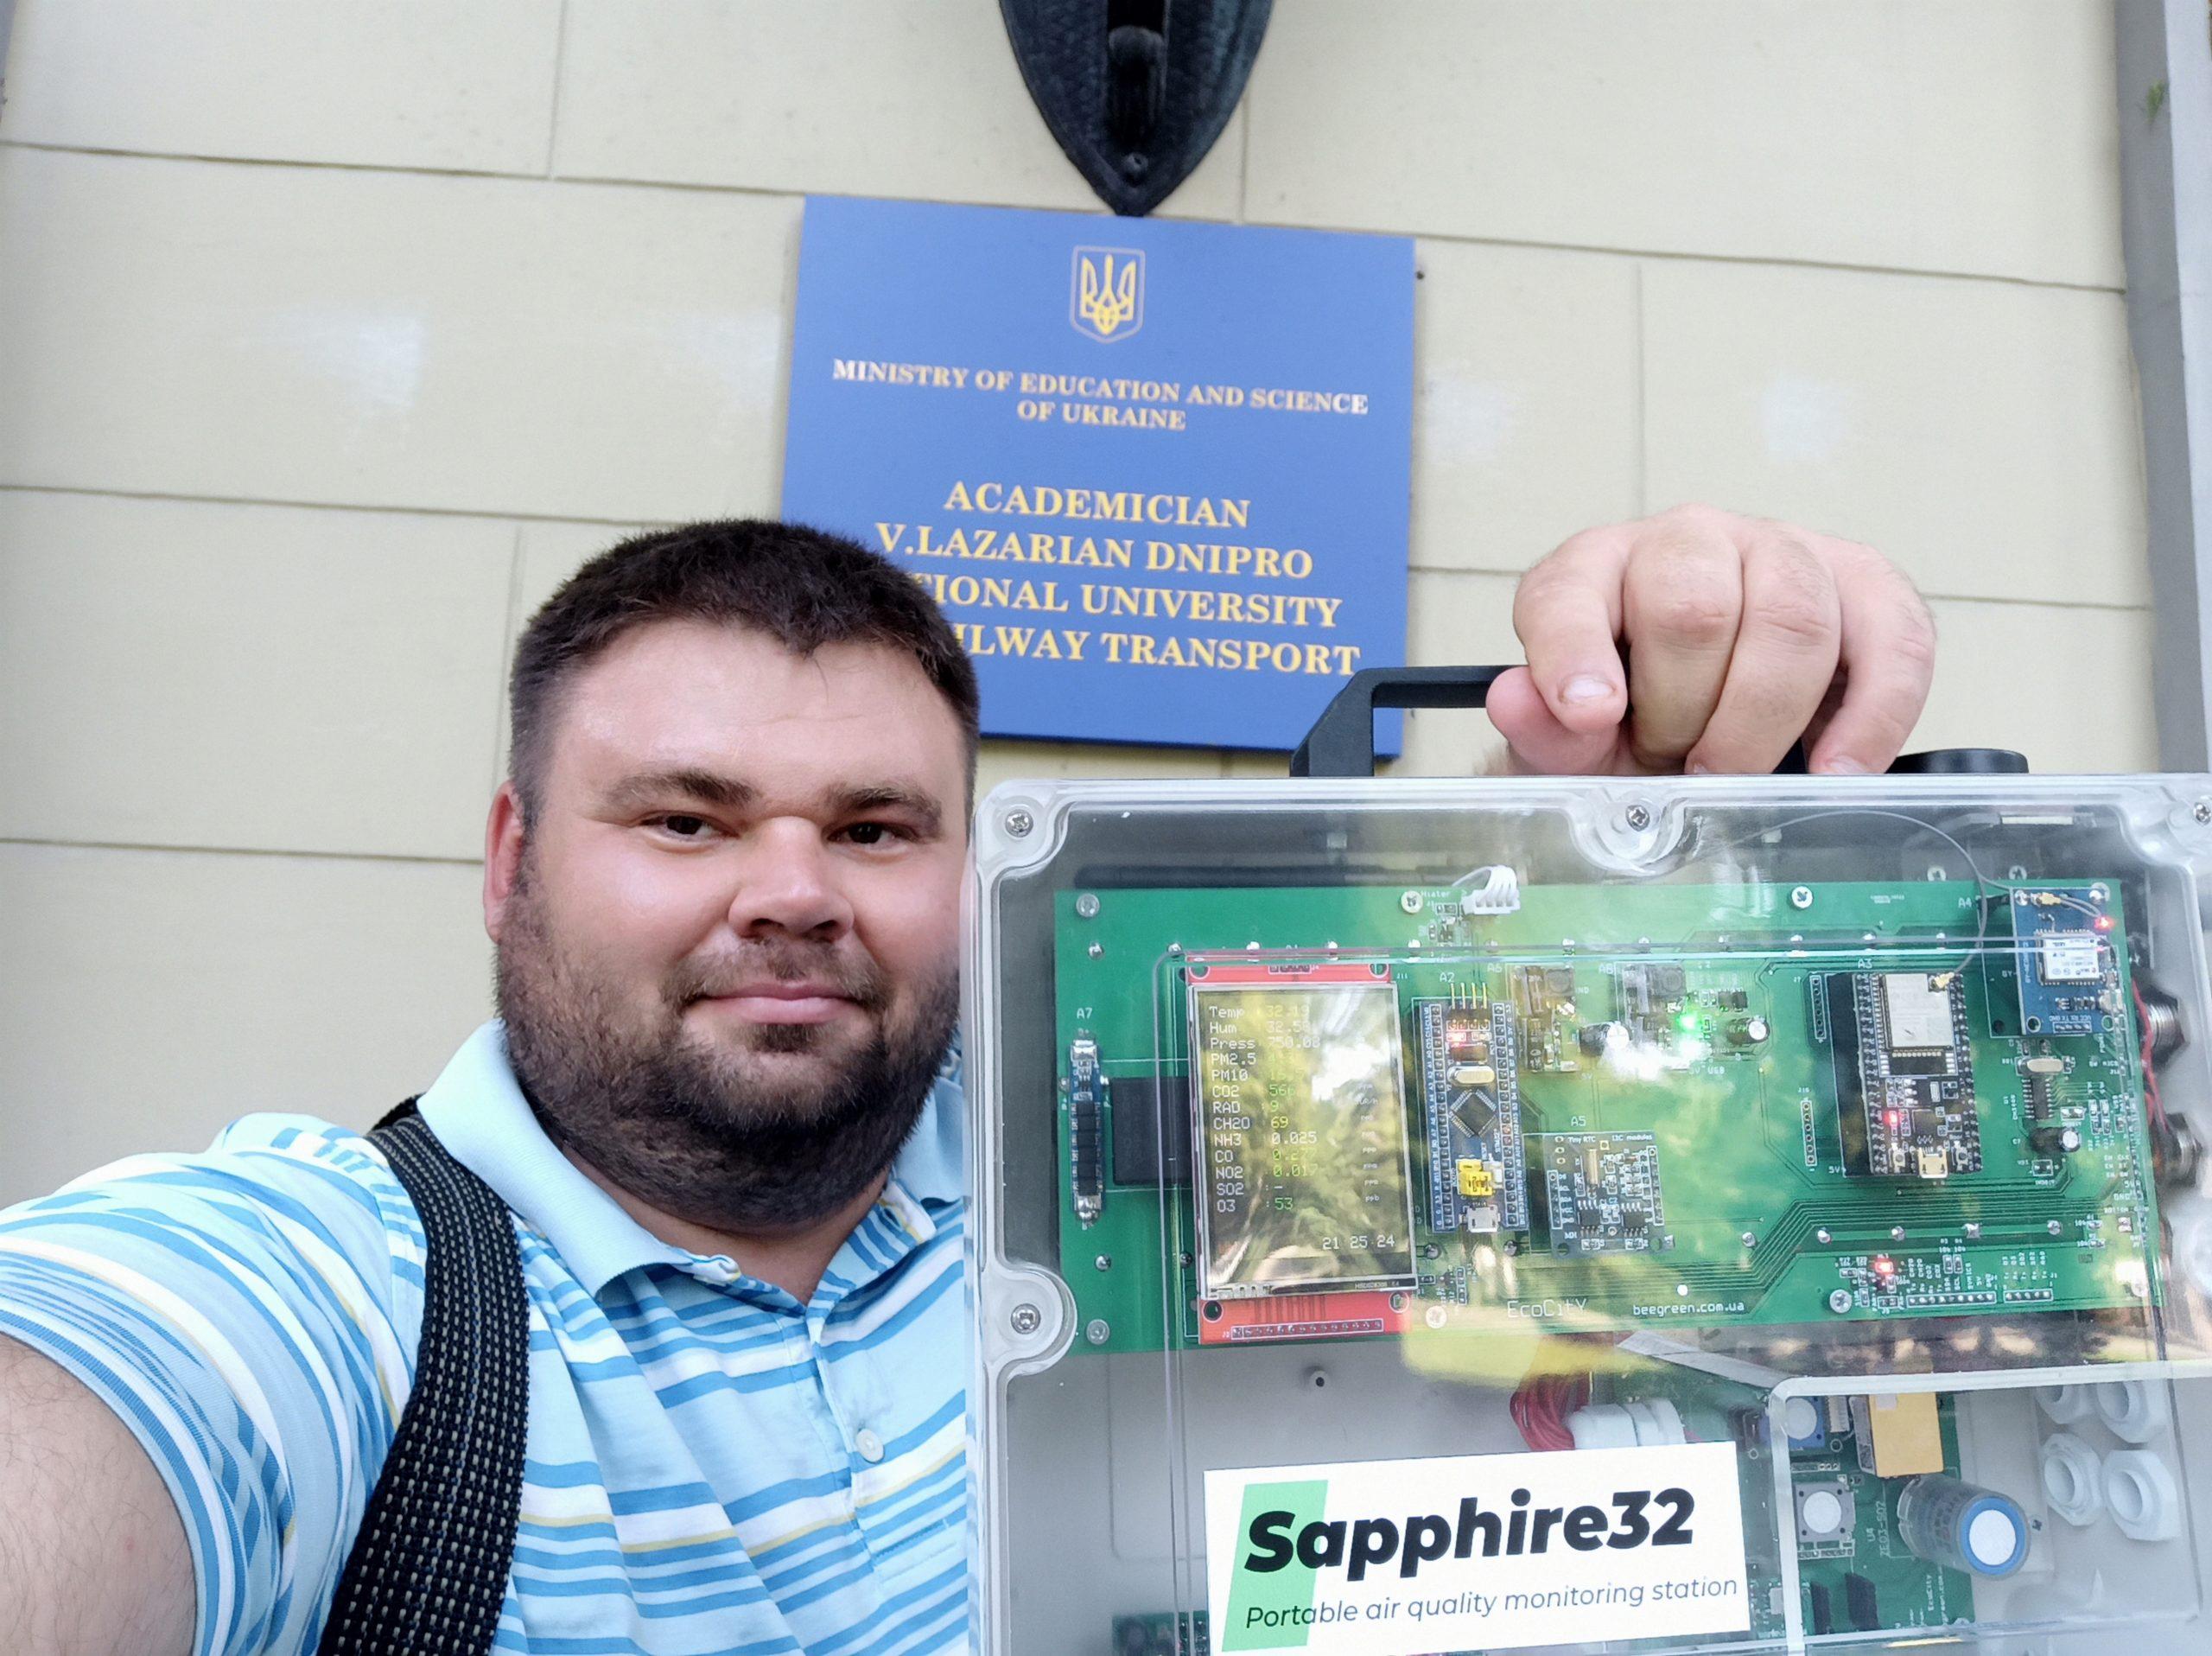 Українці розробили унікальну мобільну станцію моніторингу повітря